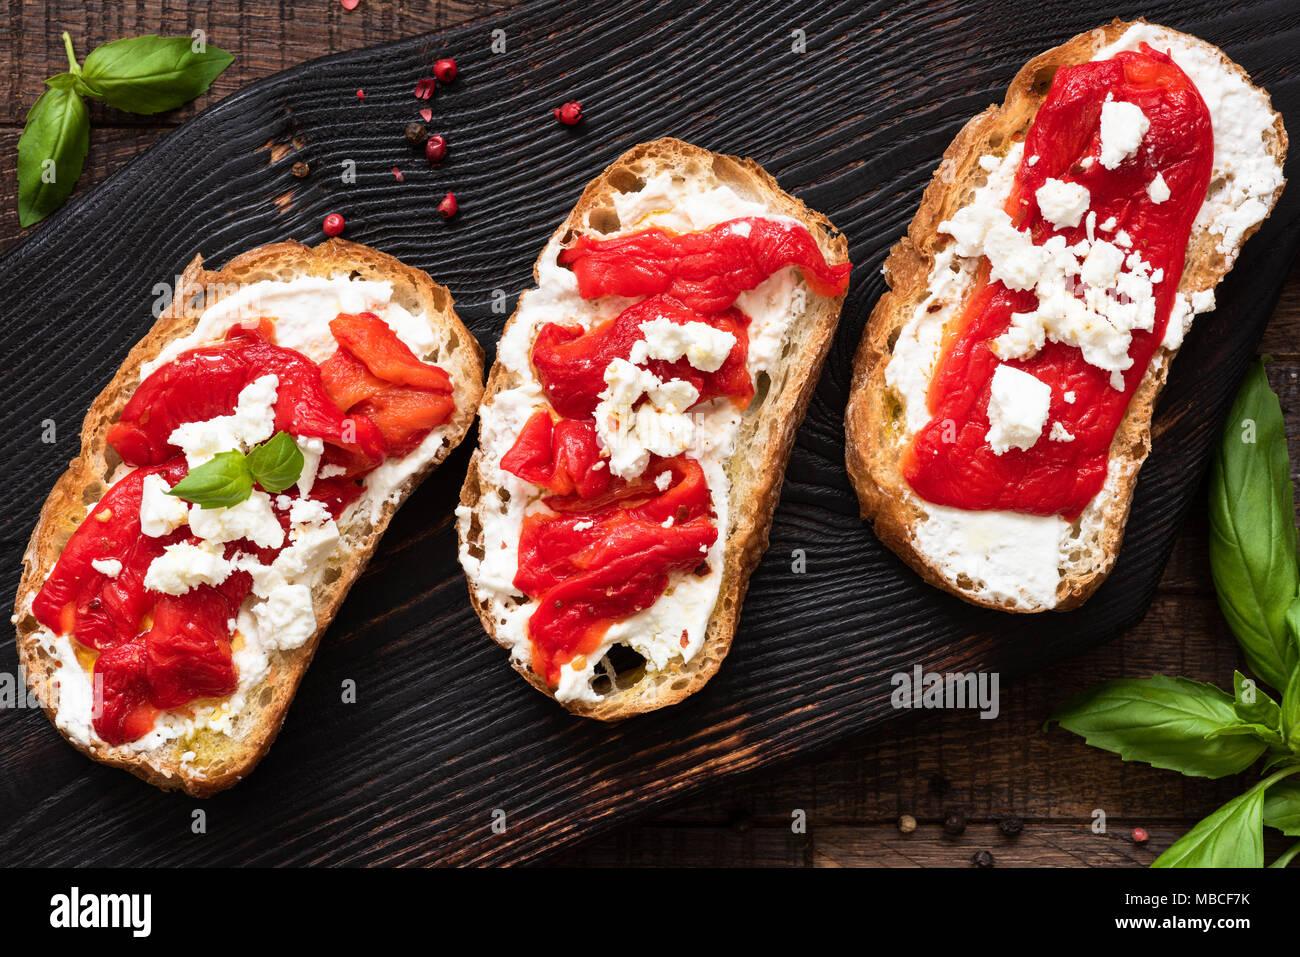 Bruschetta mit geröstetem Paprika, Feta Käse und Olivenöl auf alten hölzernen Schneidebrett, Ansicht von oben. Italienische Küche Vorspeisen, Starter oder Antipasti Stockbild